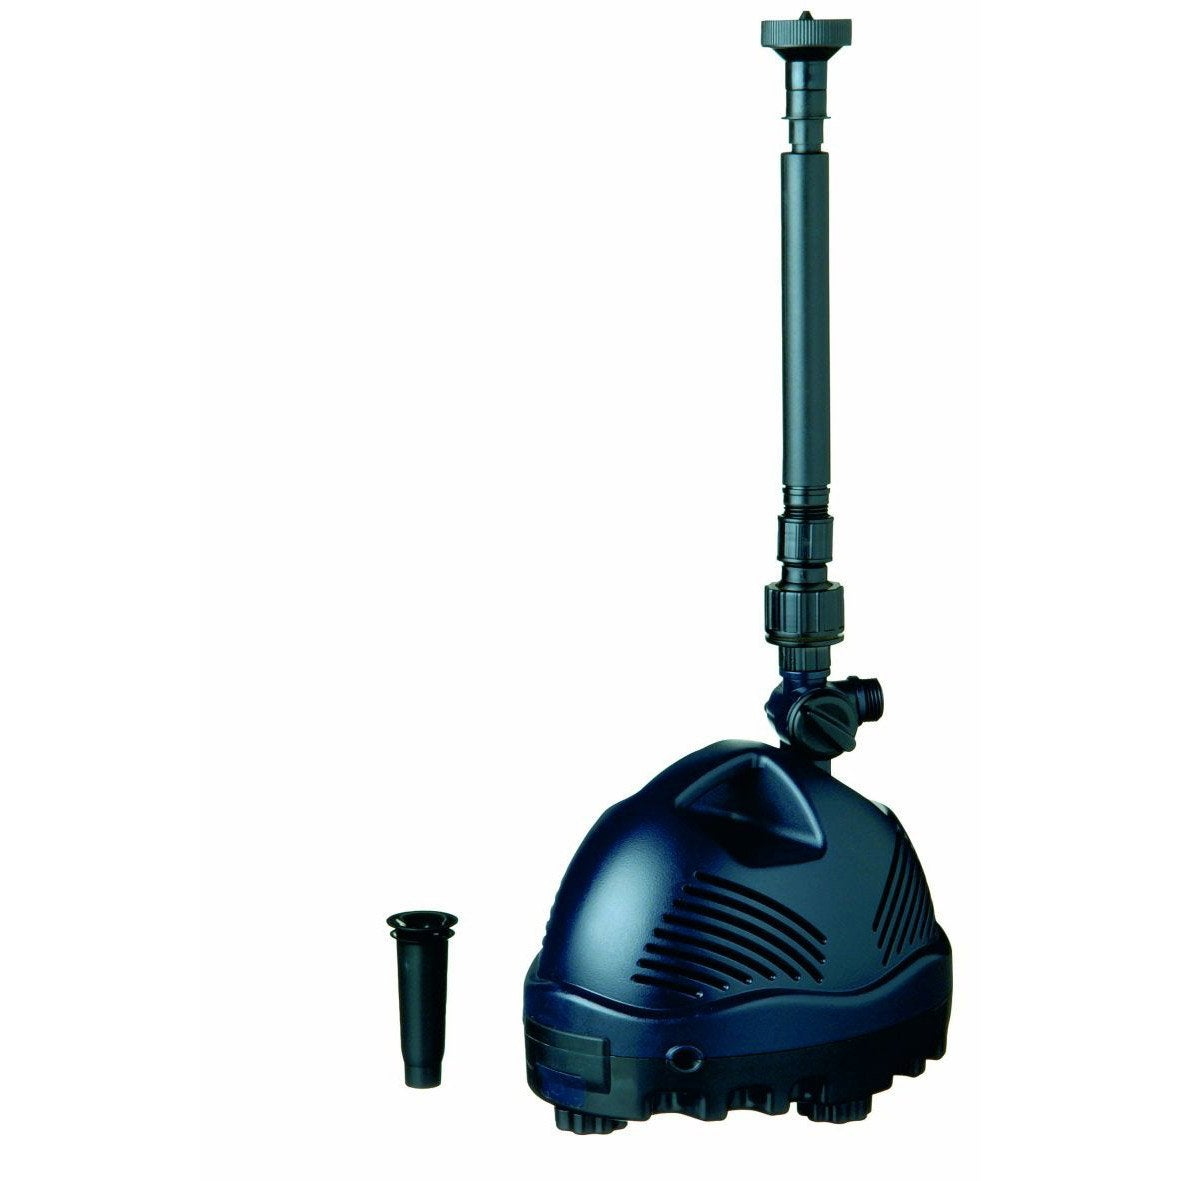 Pompe de bassin ubbink elimax 8800 l h 18000 l leroy merlin for Pompe piscine hors sol leroy merlin